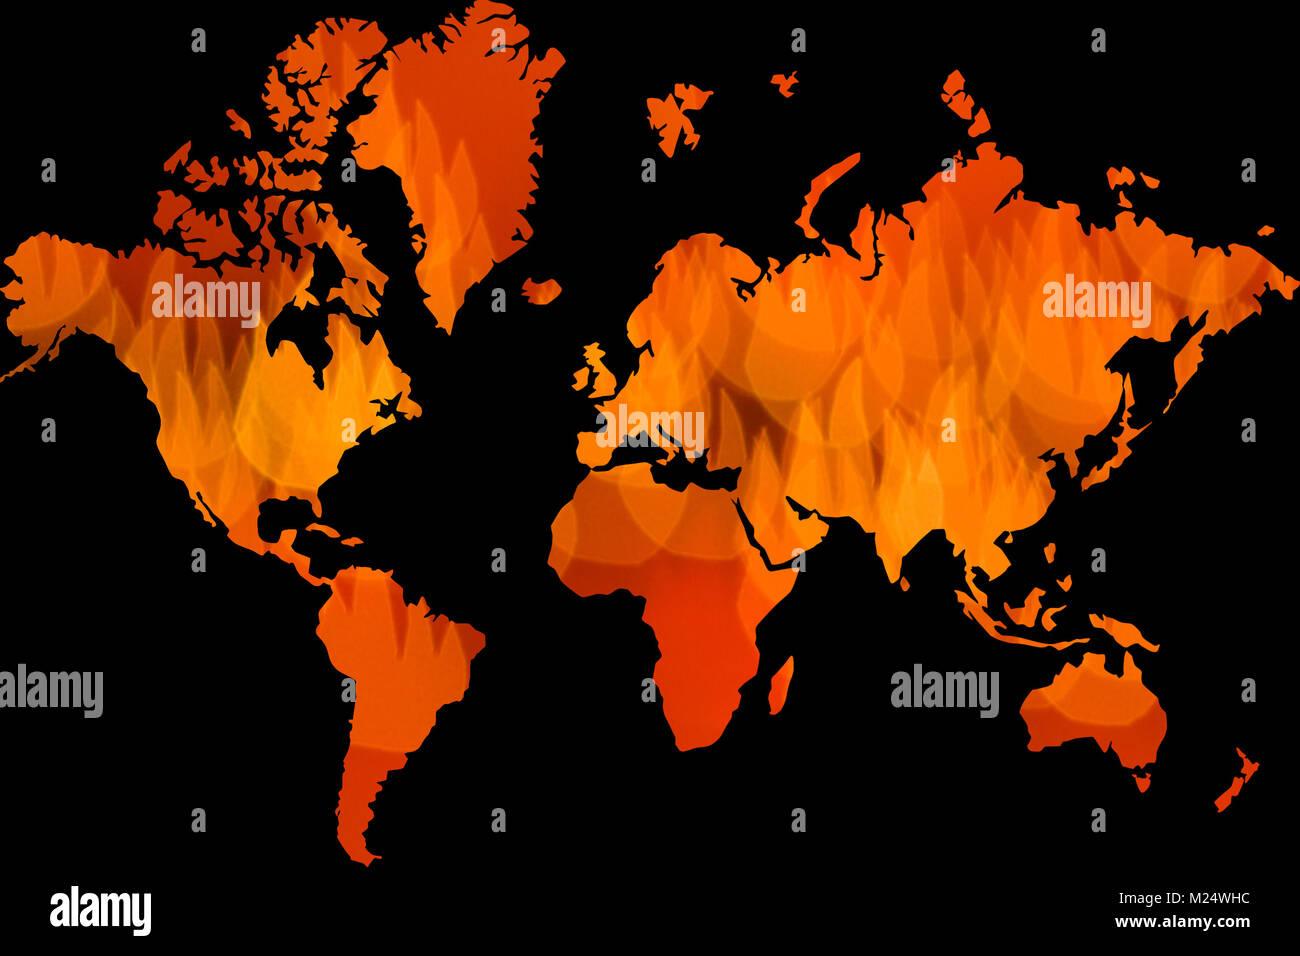 Rojo fuego icono como mapa mundial sobre fondo negro Imagen De Stock